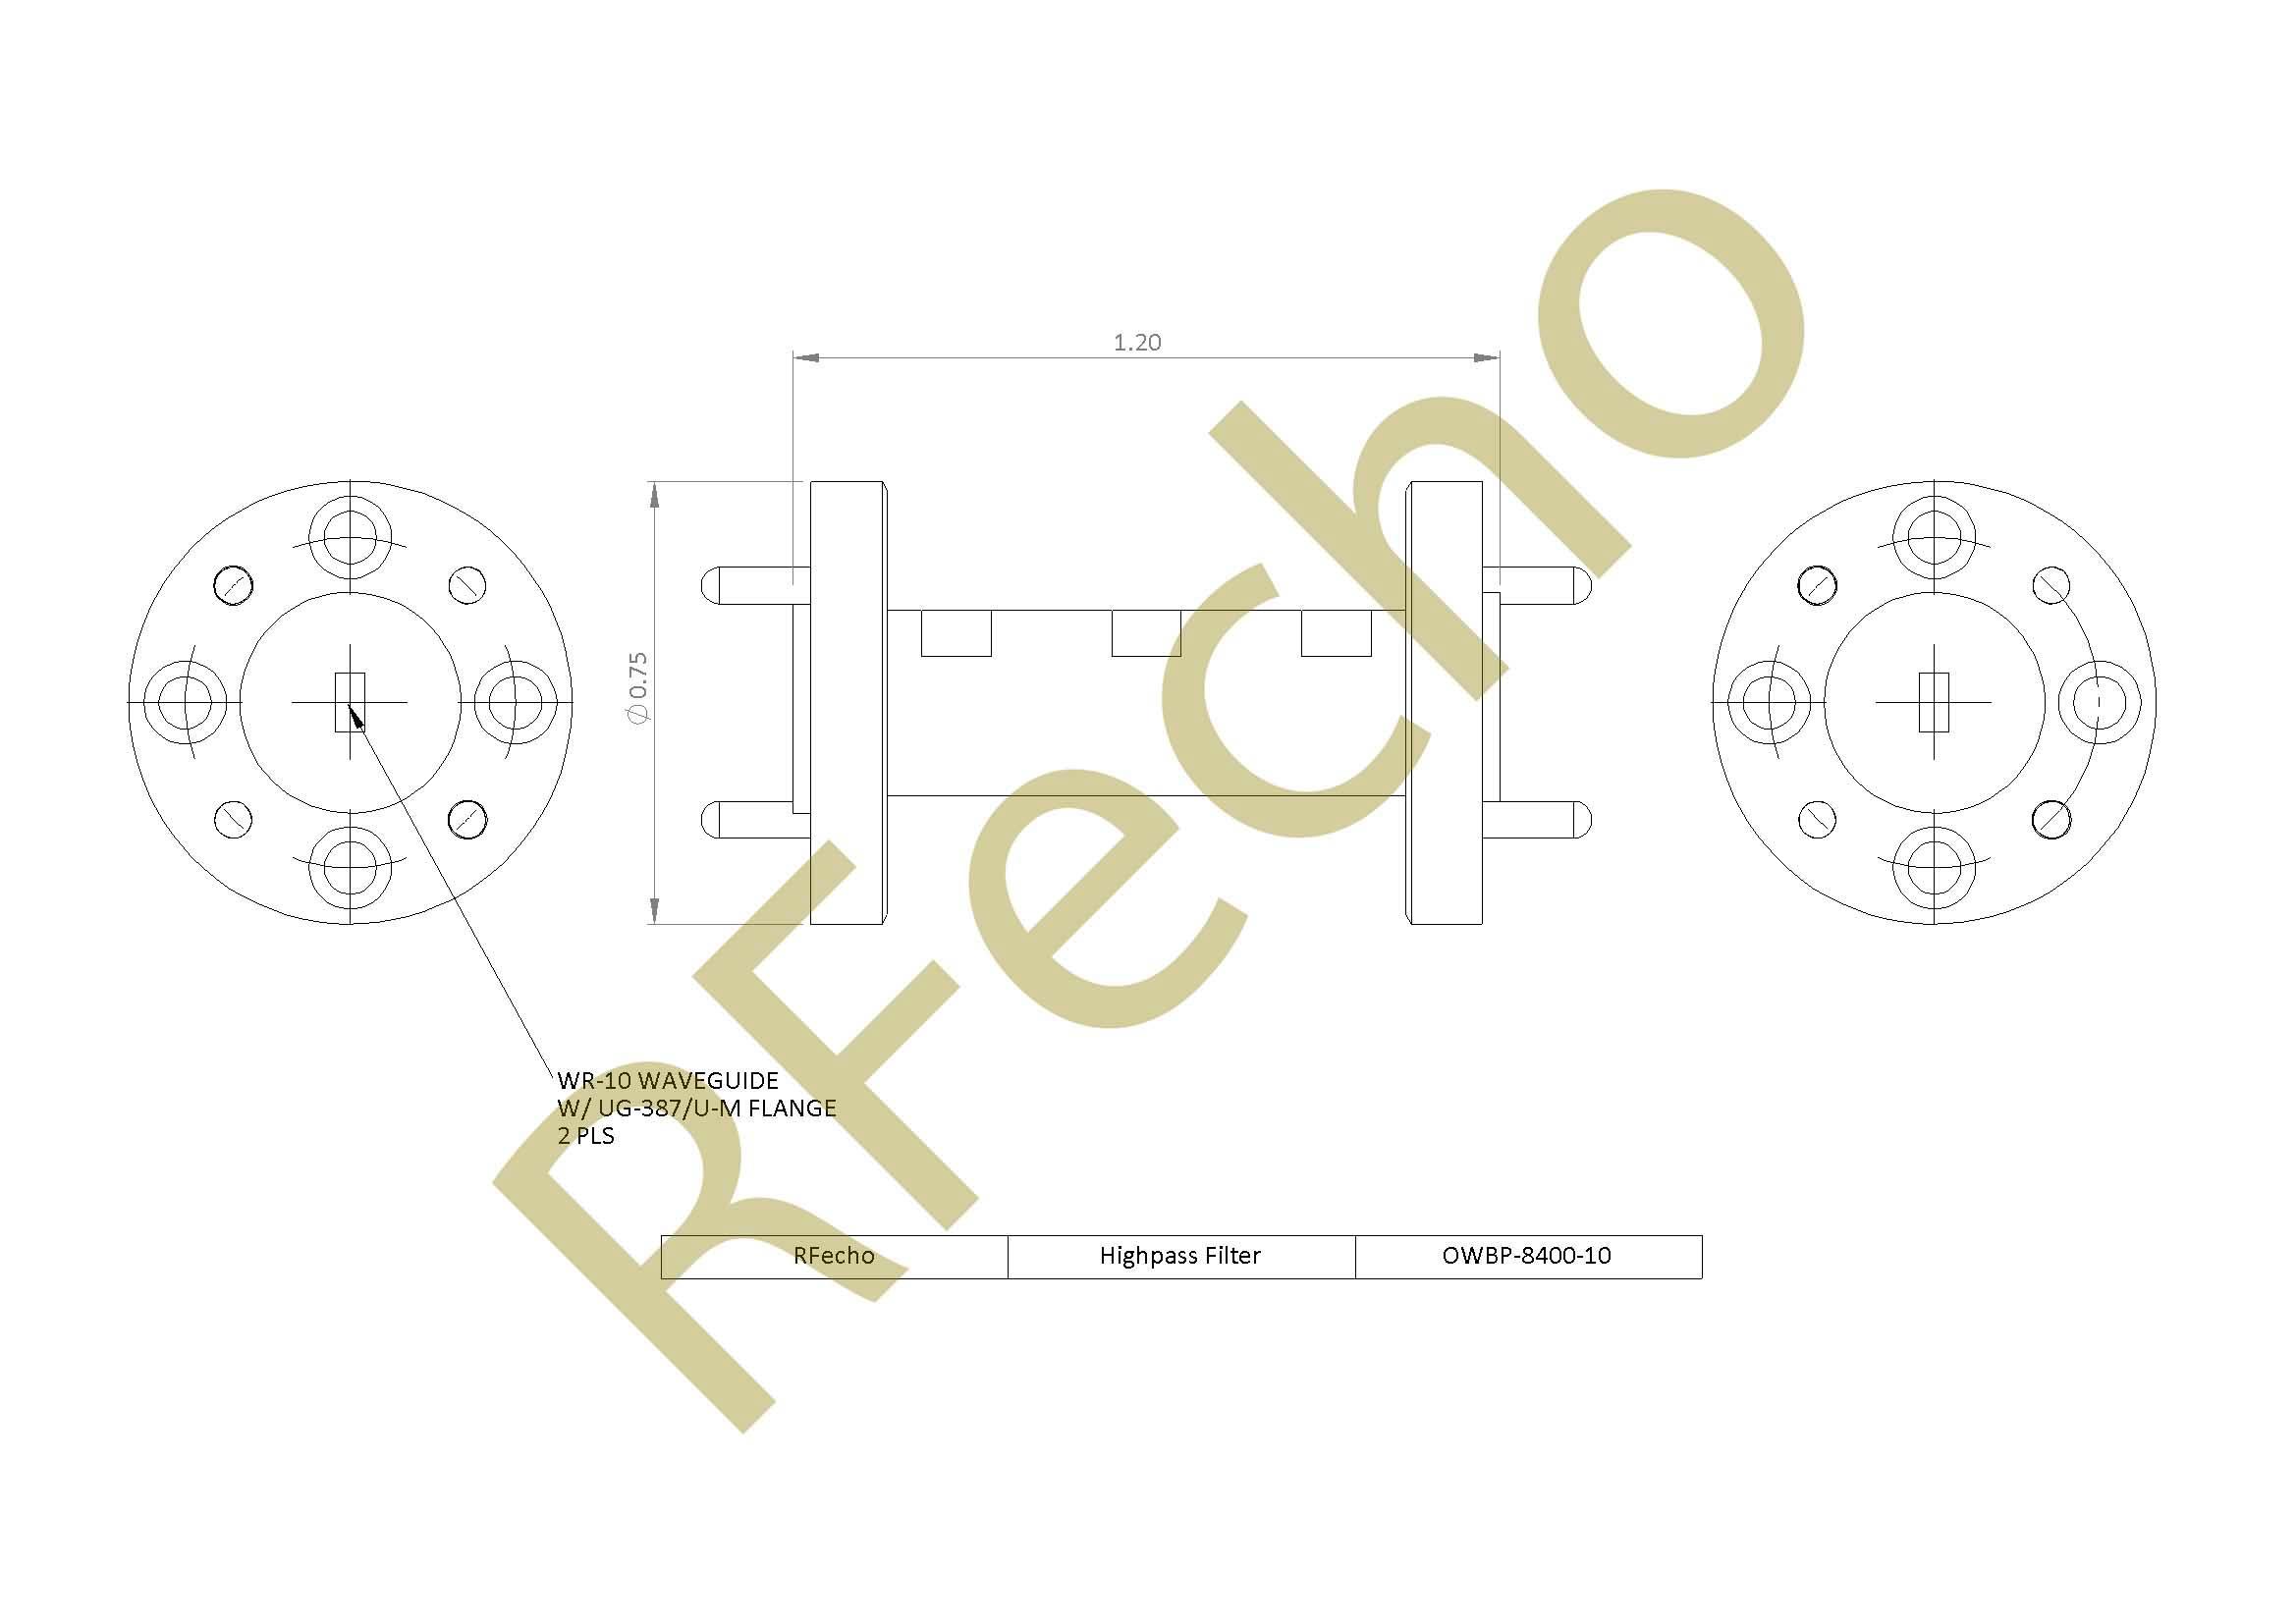 RF Filter Highpass OWBP-8400-10